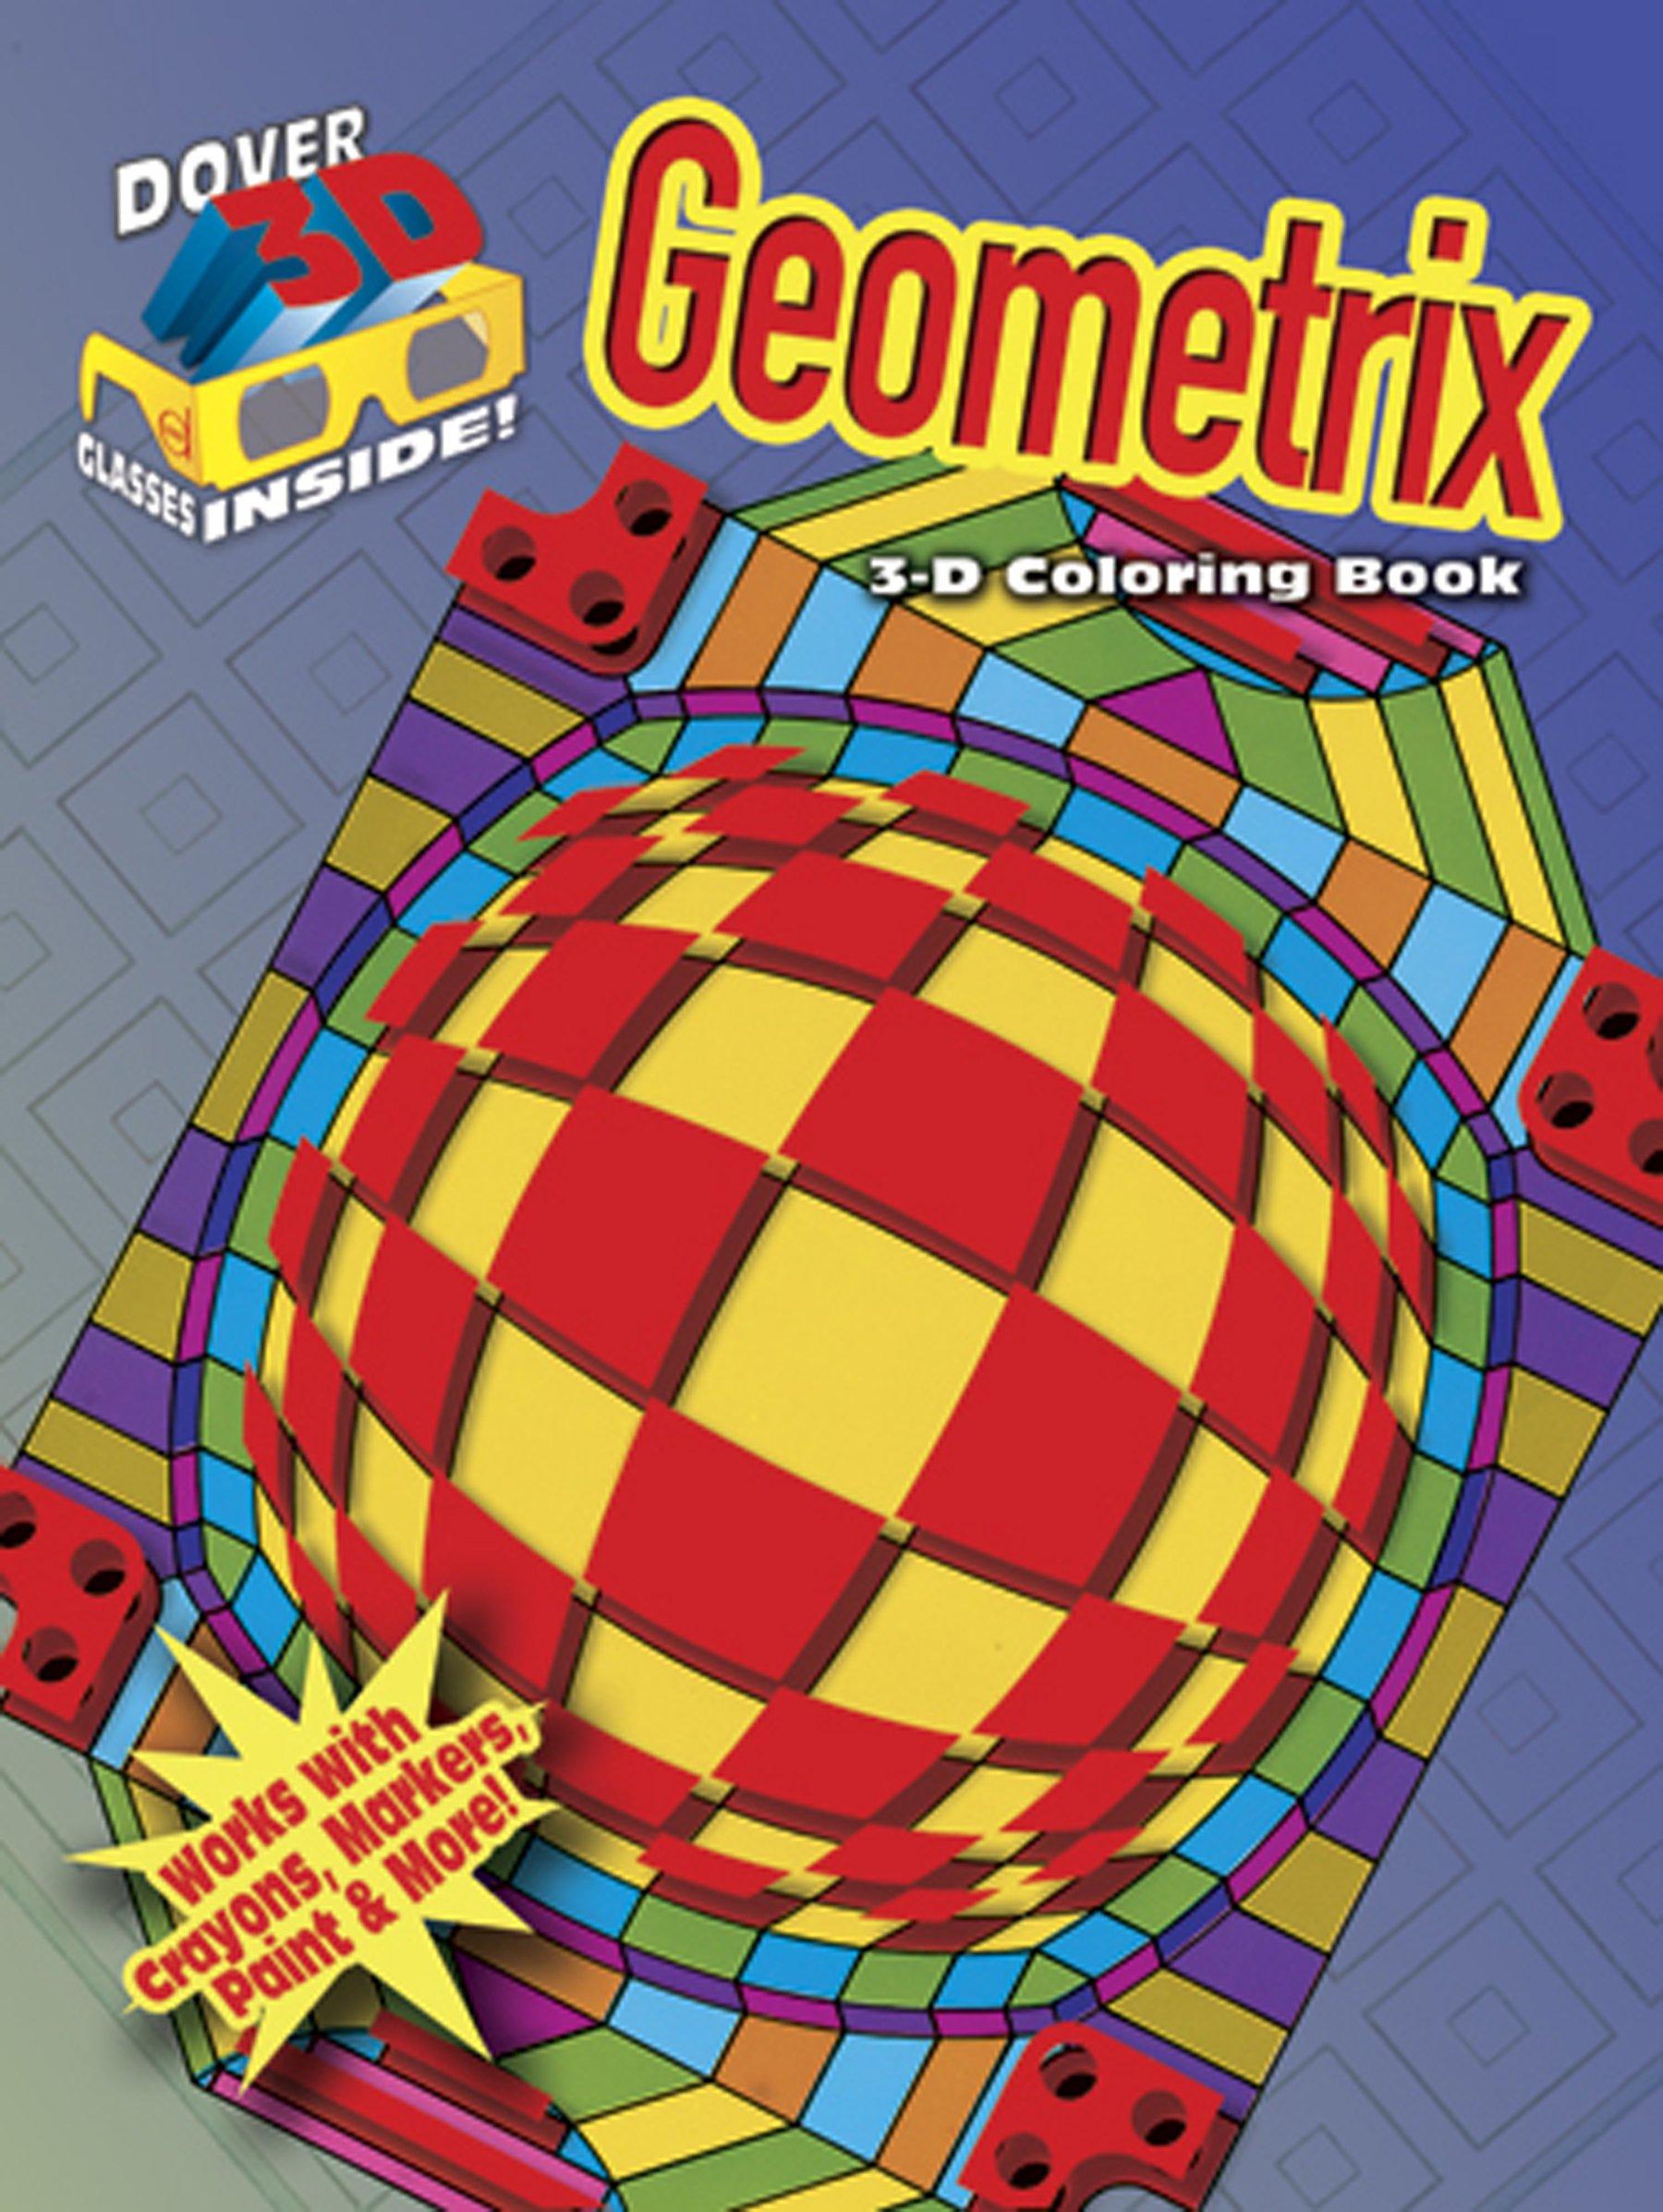 3-D Coloring Book - Geometrix (Dover 3-D Coloring Book) pdf